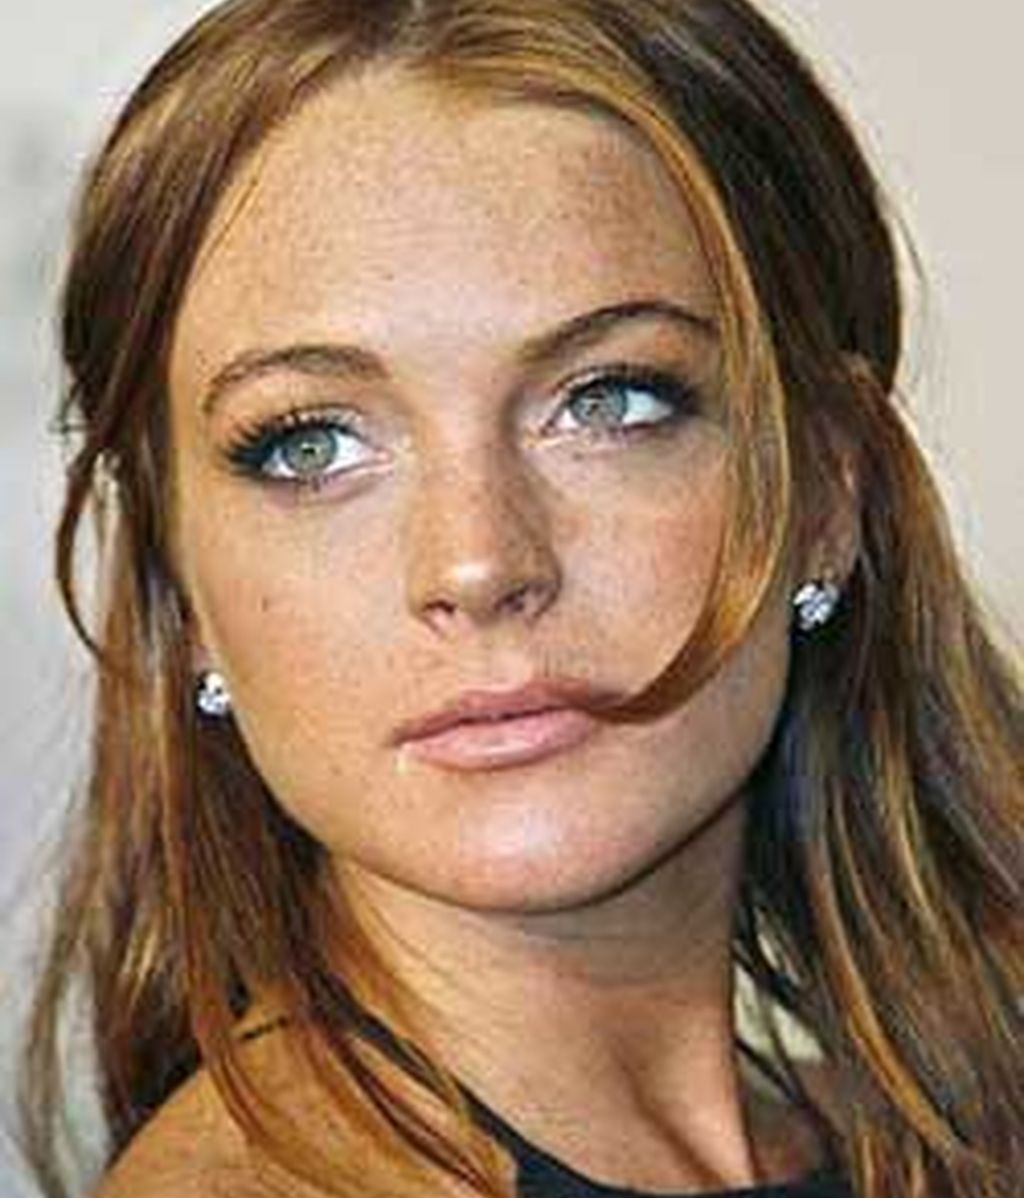 Lindsay Lohan acudió a la India para rodar un documental de la BBC sobre niños.Foto: Reuters.